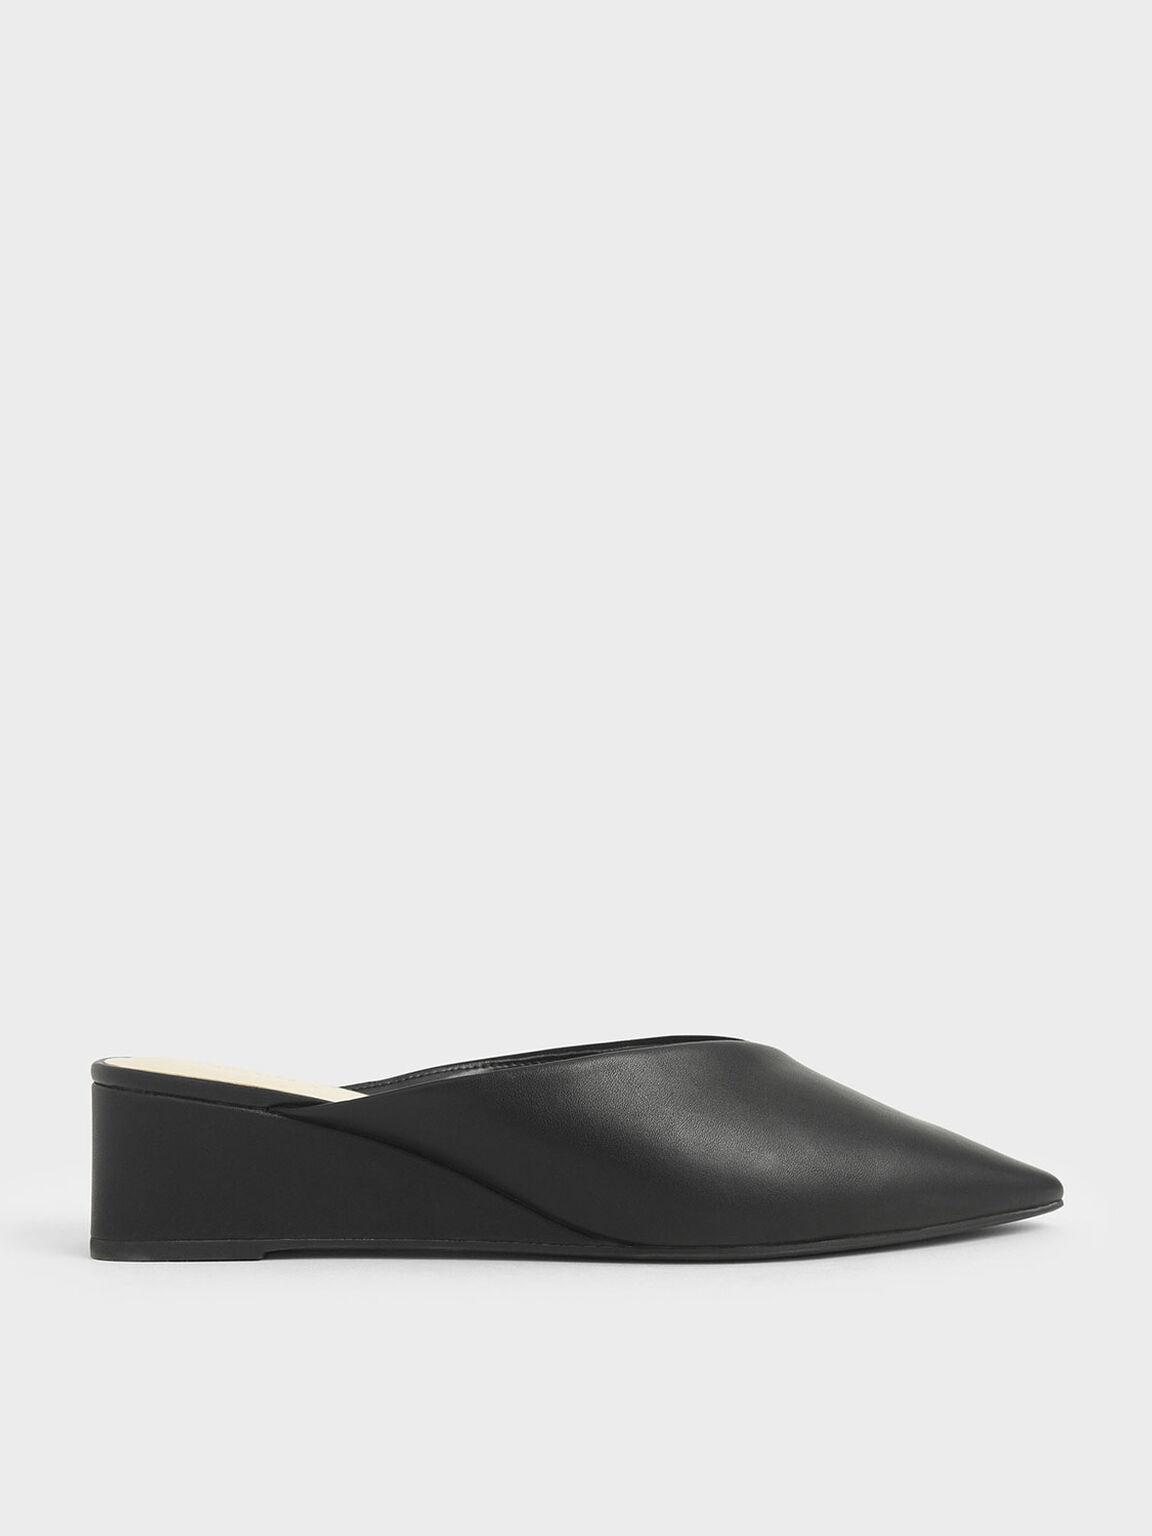 尖頭楔型拖鞋, 黑色, hi-res